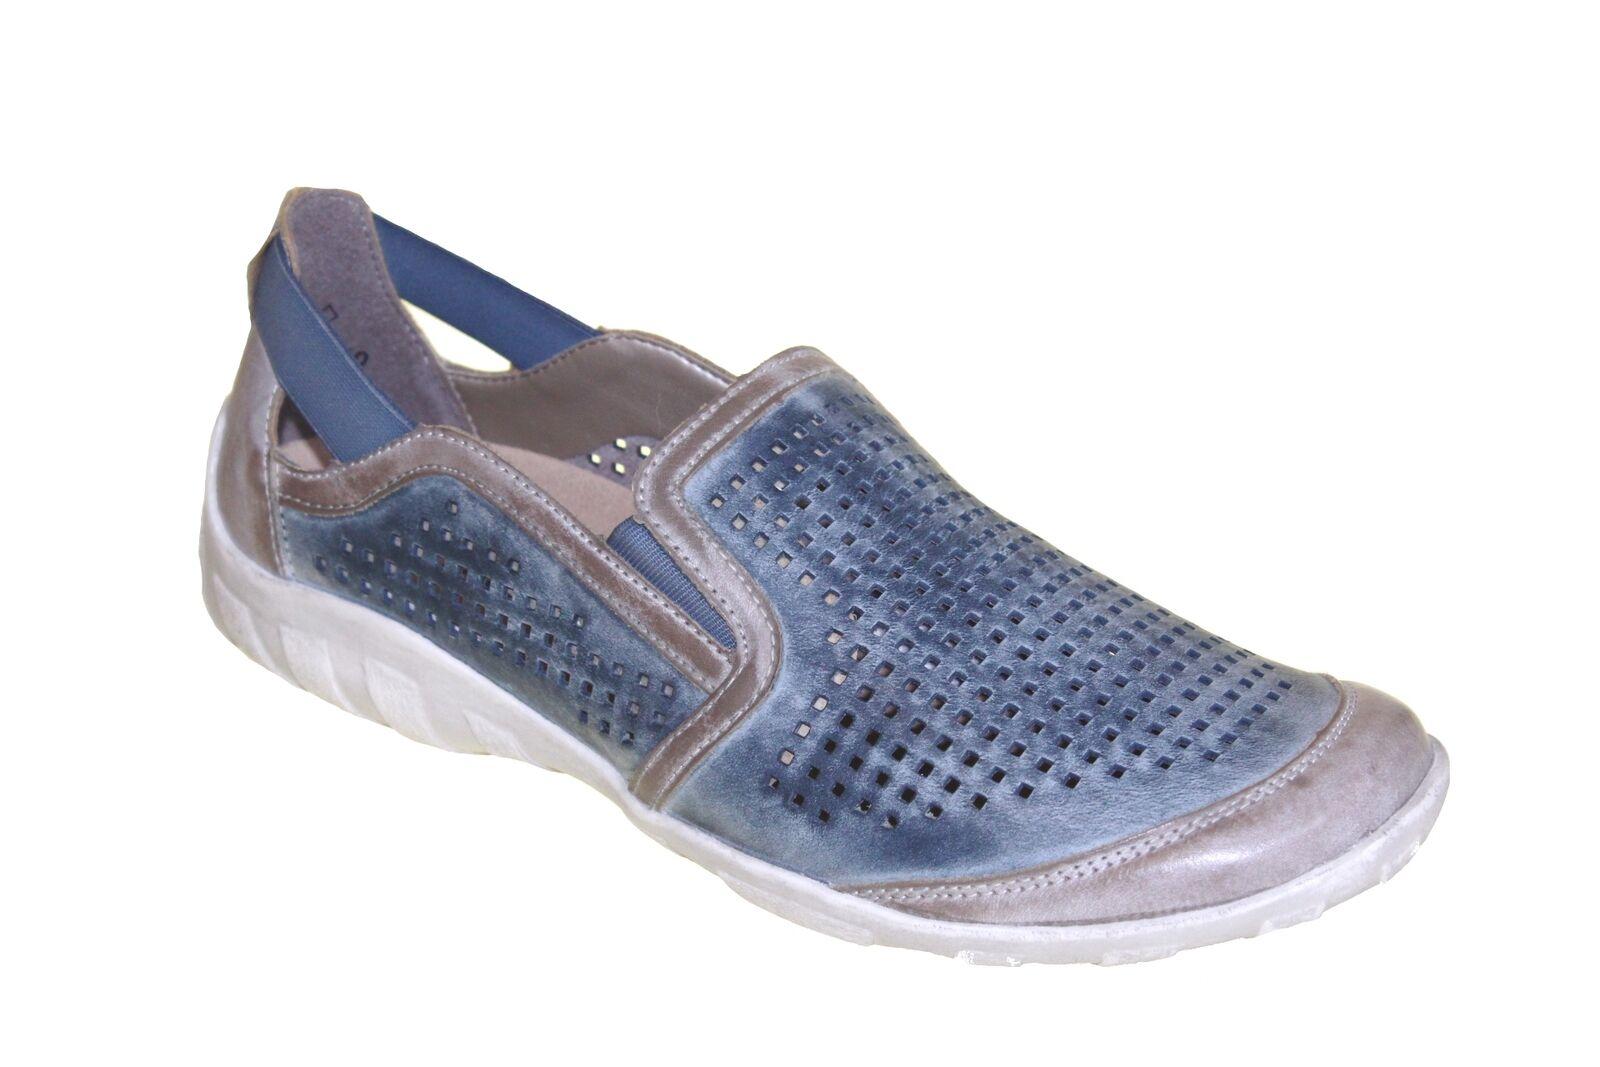 Nouveau remonte r3425-14 Femmes Chaussures Slipper baskets basses cuir re46